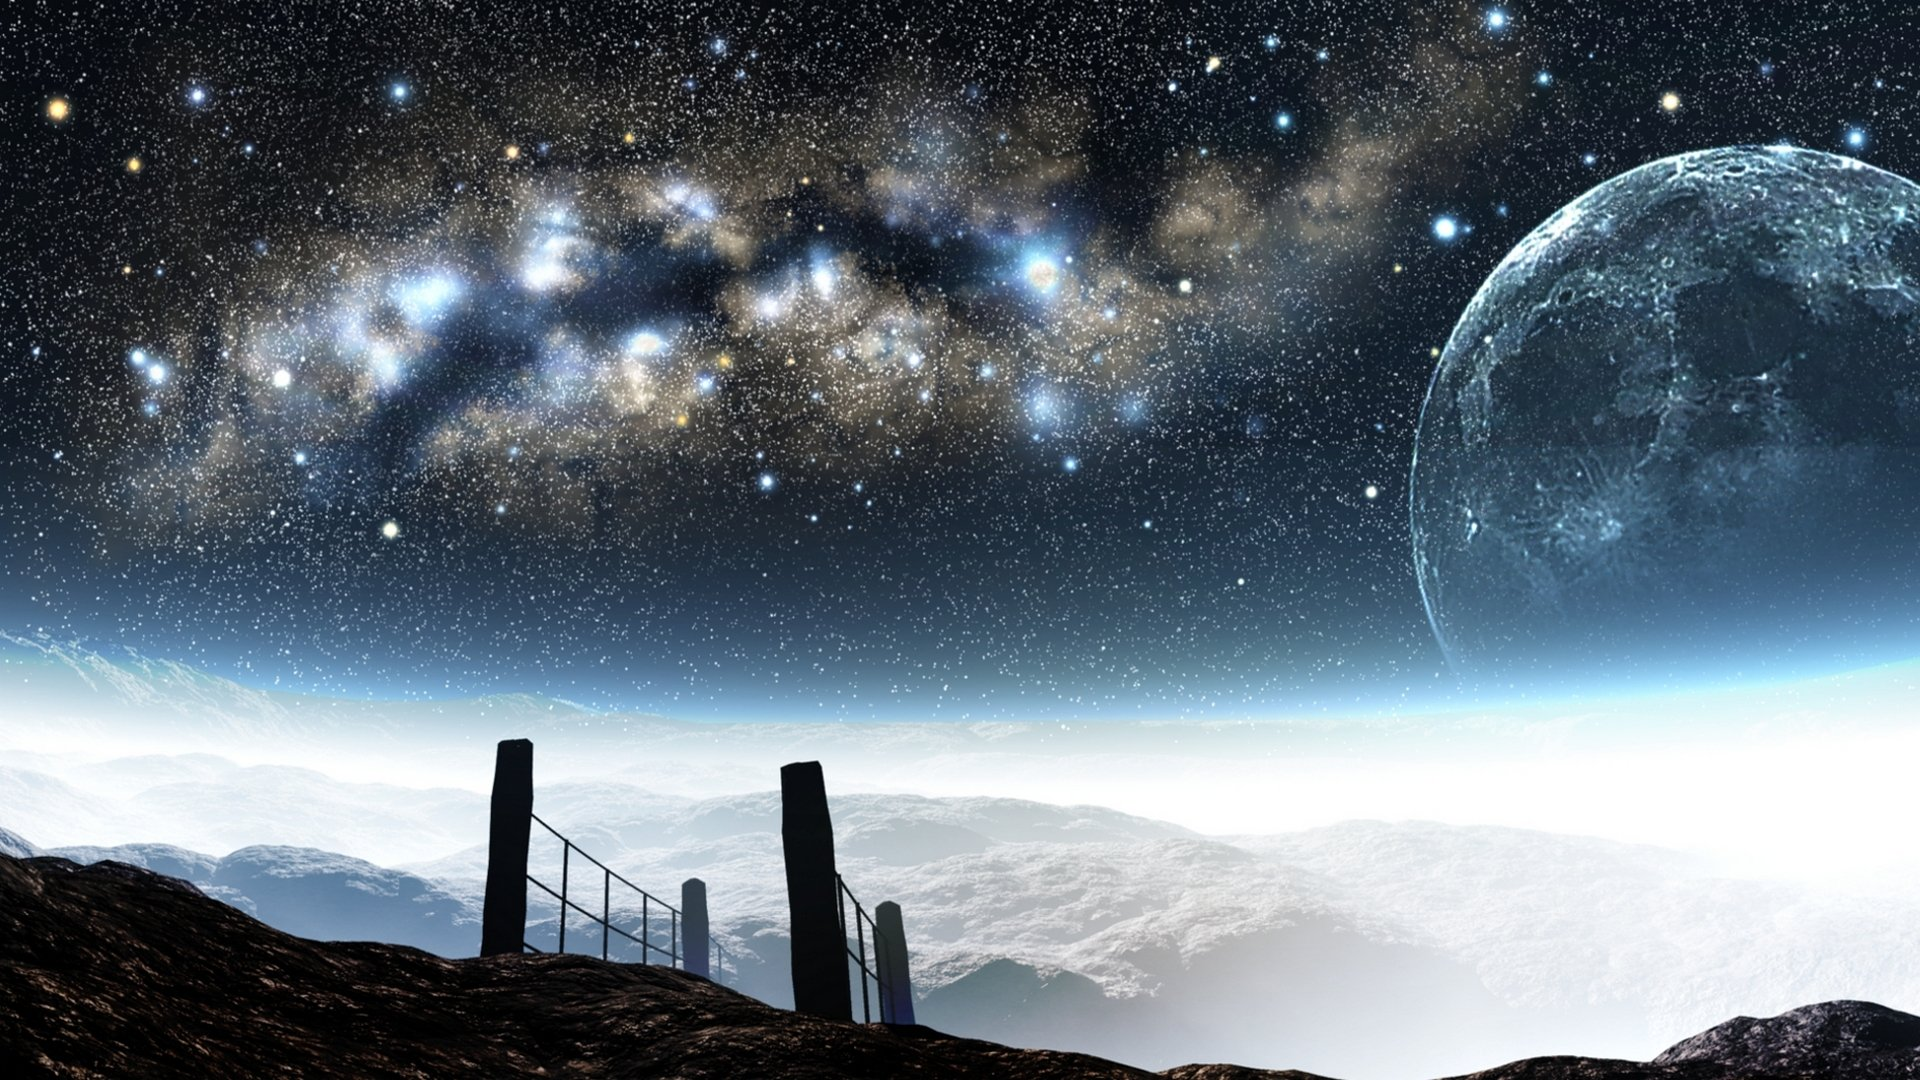 горы высота небо звезды загрузить